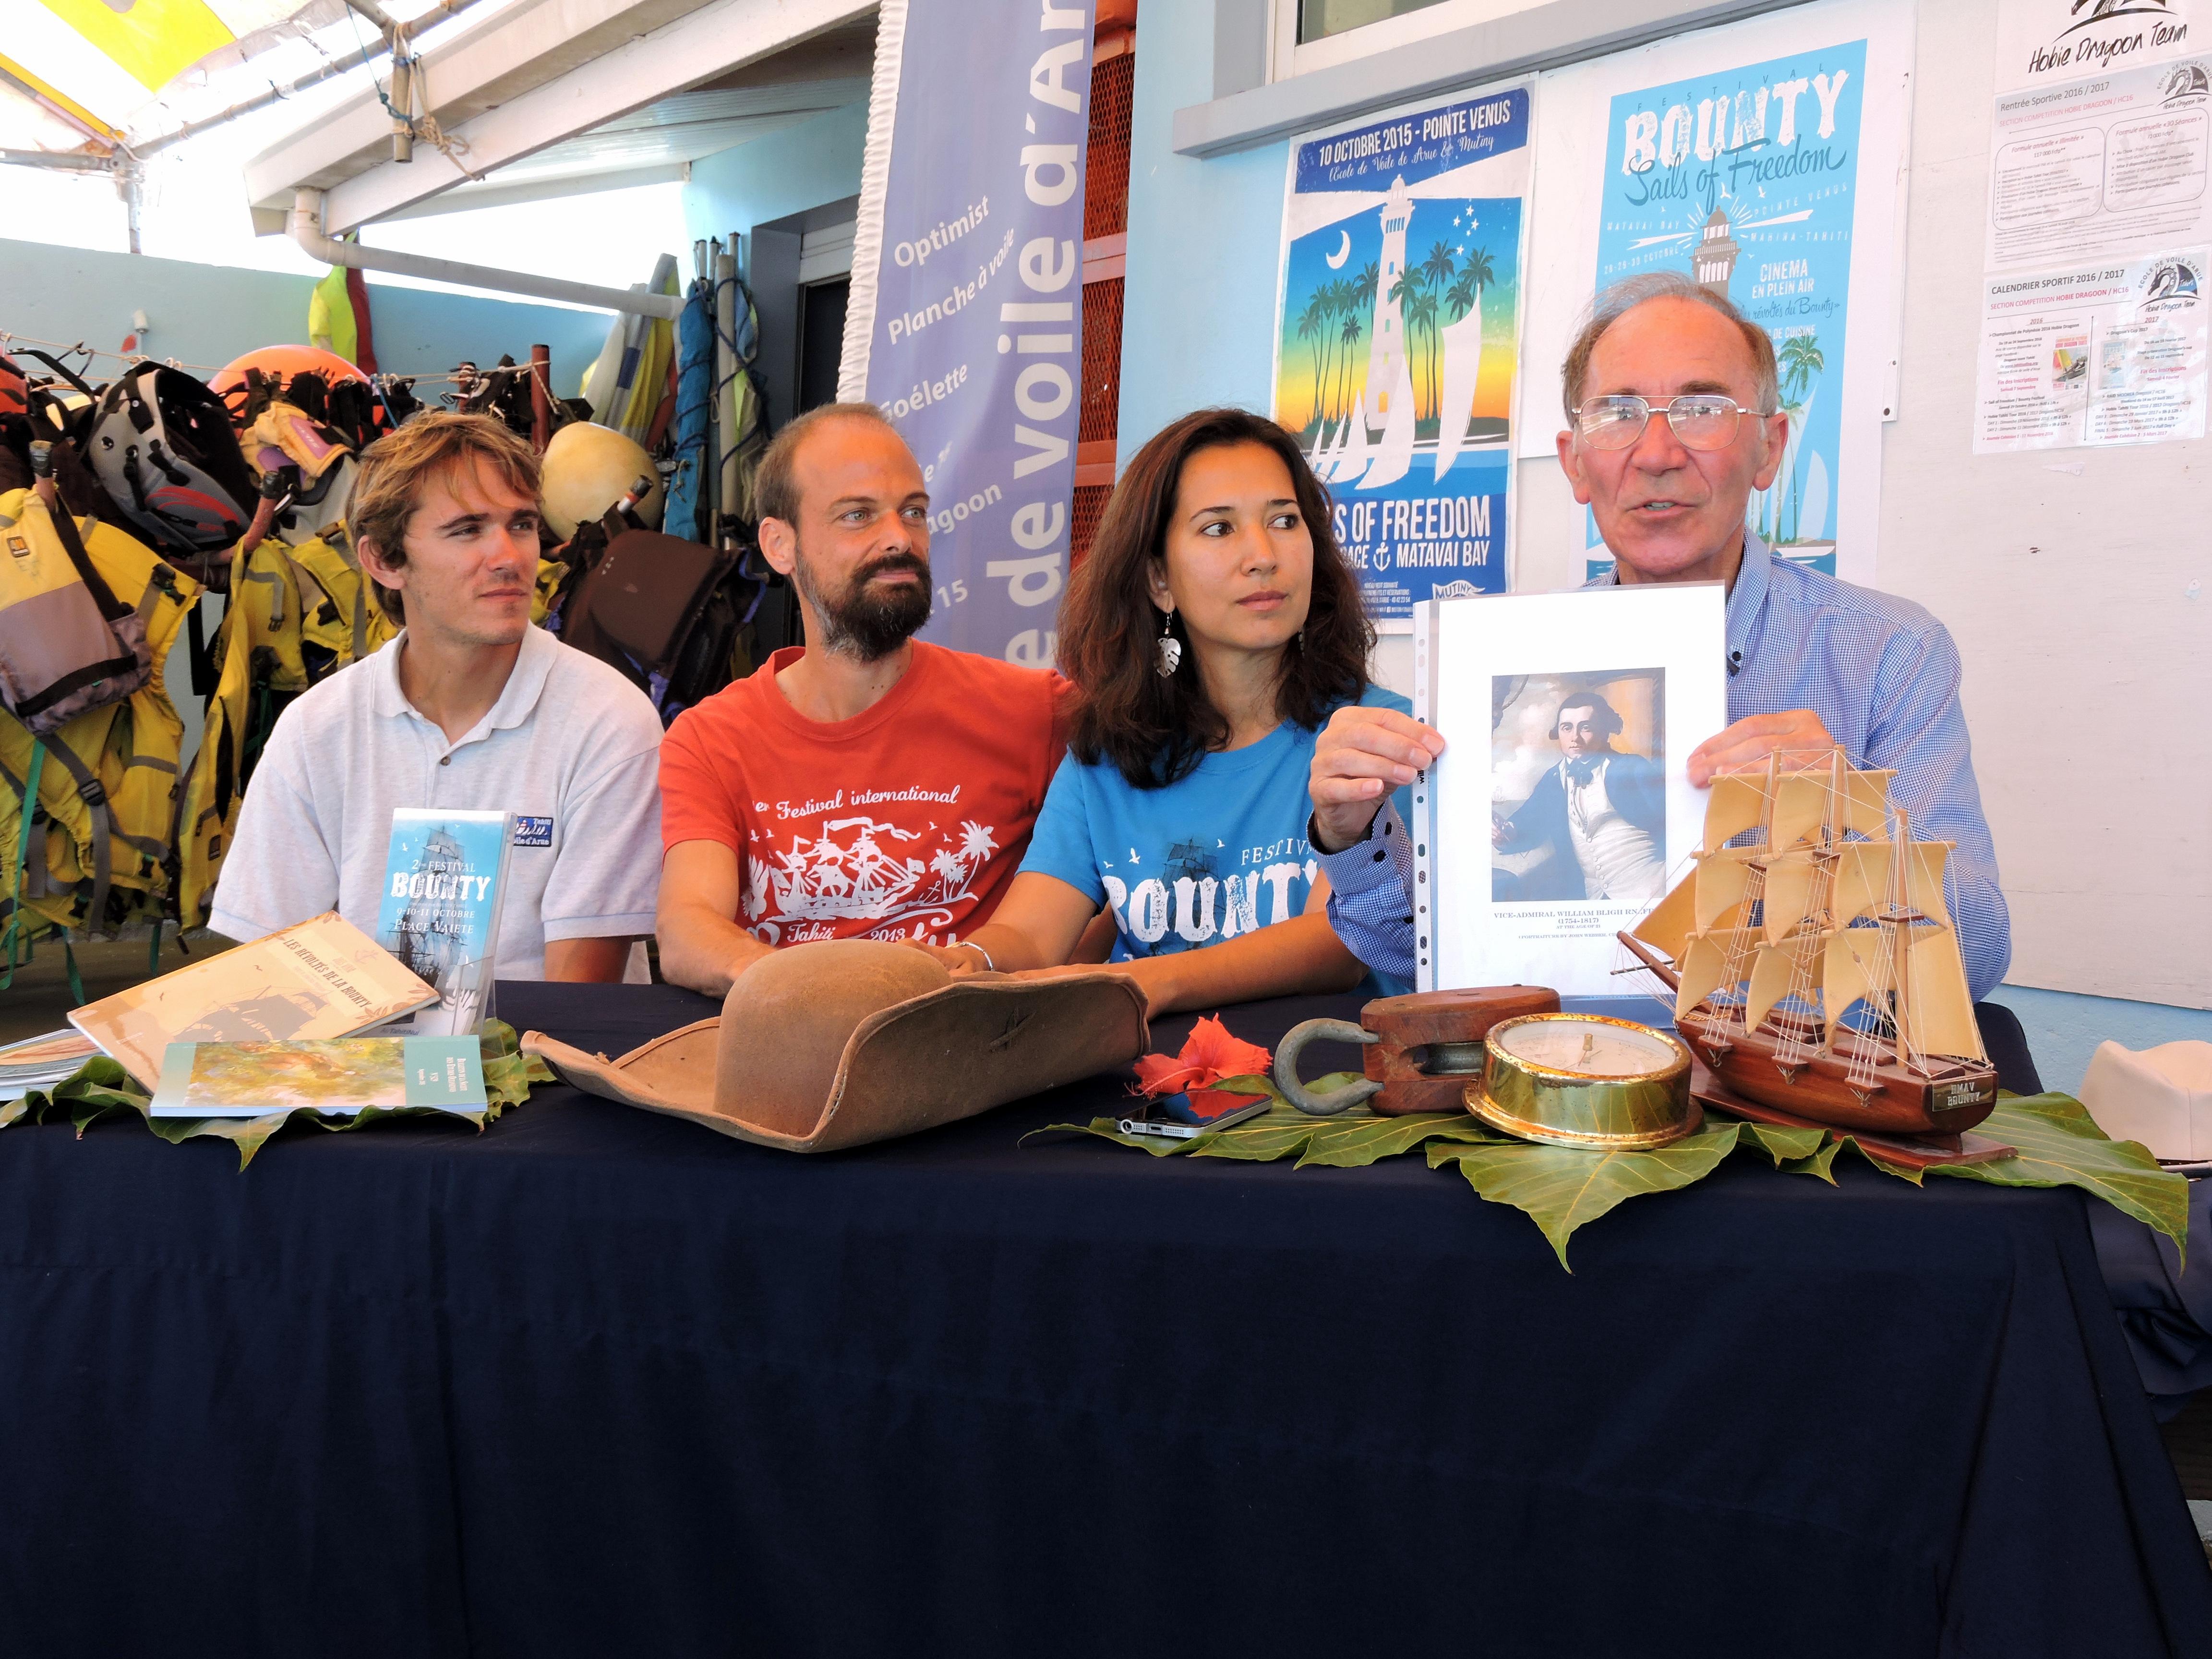 Thérèse et Beni hubert présentent le programme d'un festival en compagnie du descendant du capitaine Bligh (à droite).